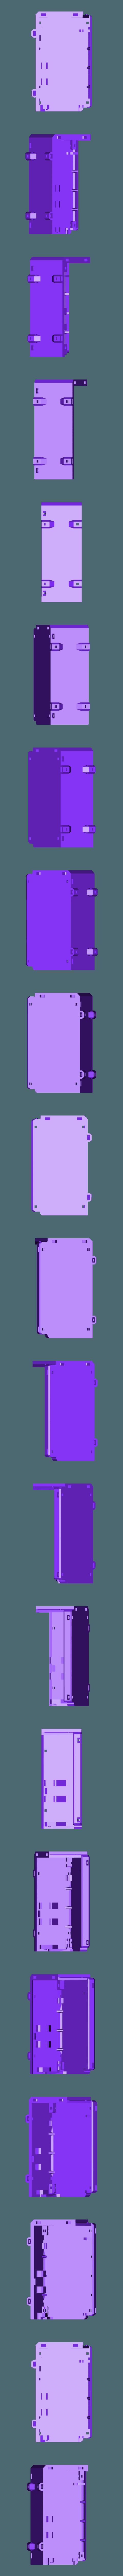 dasaki_ramps_enclosure_base_v2.stl Télécharger fichier STL gratuit Dasaki Ramps 1.4 Boîtier / Boîte / Boîtier • Plan pour impression 3D, dasaki